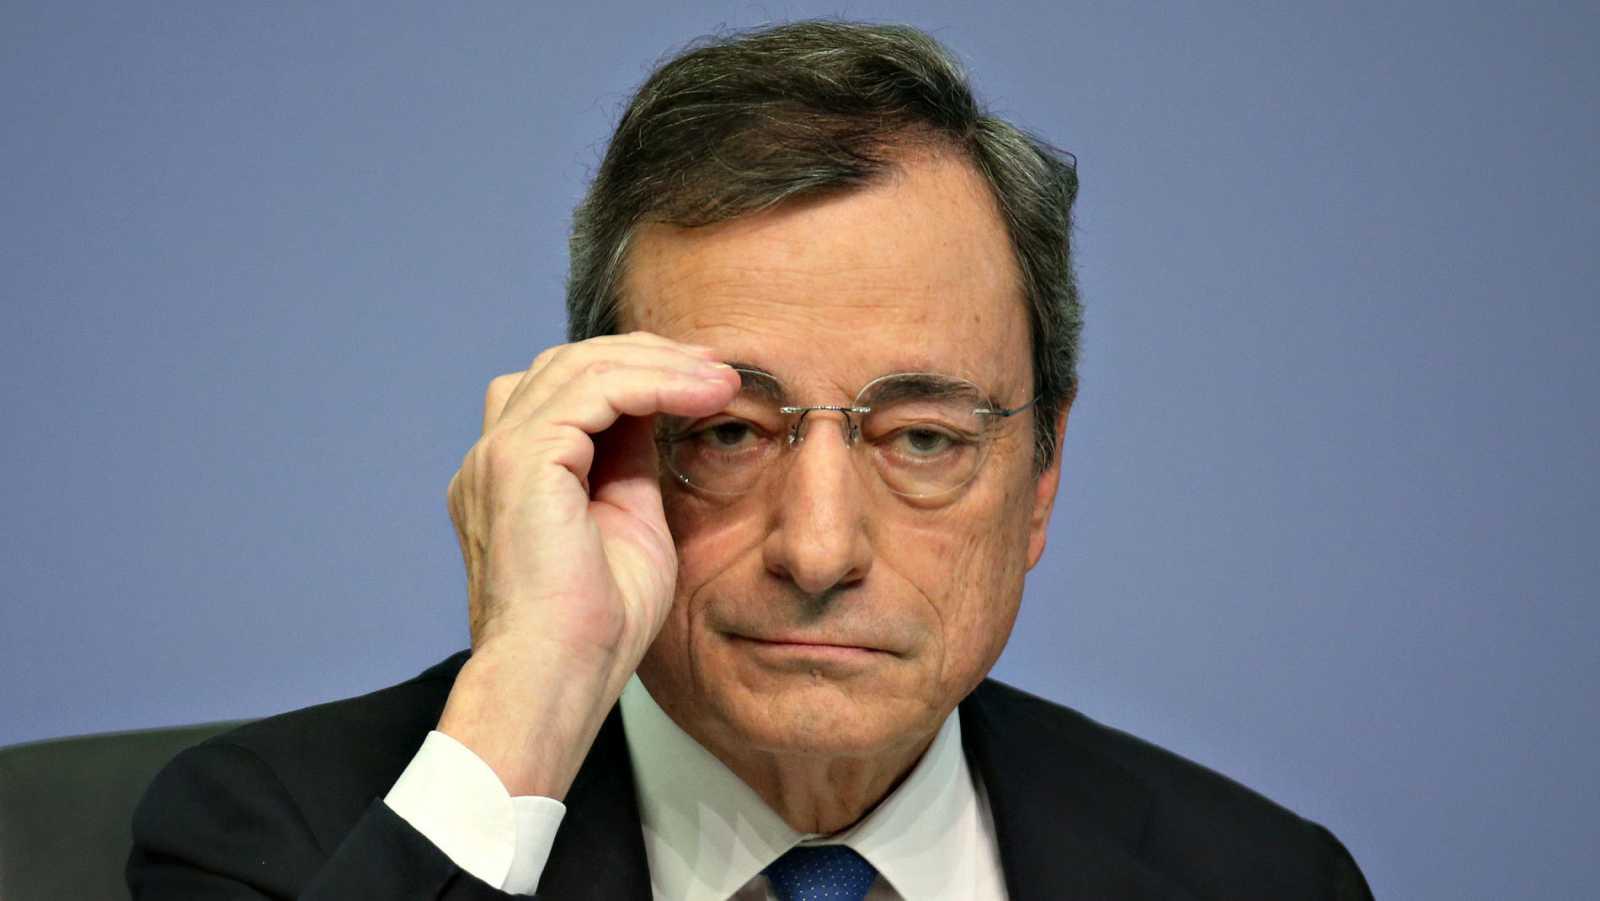 El presidente saliente del Banco Central Europeo, Mario Draghi